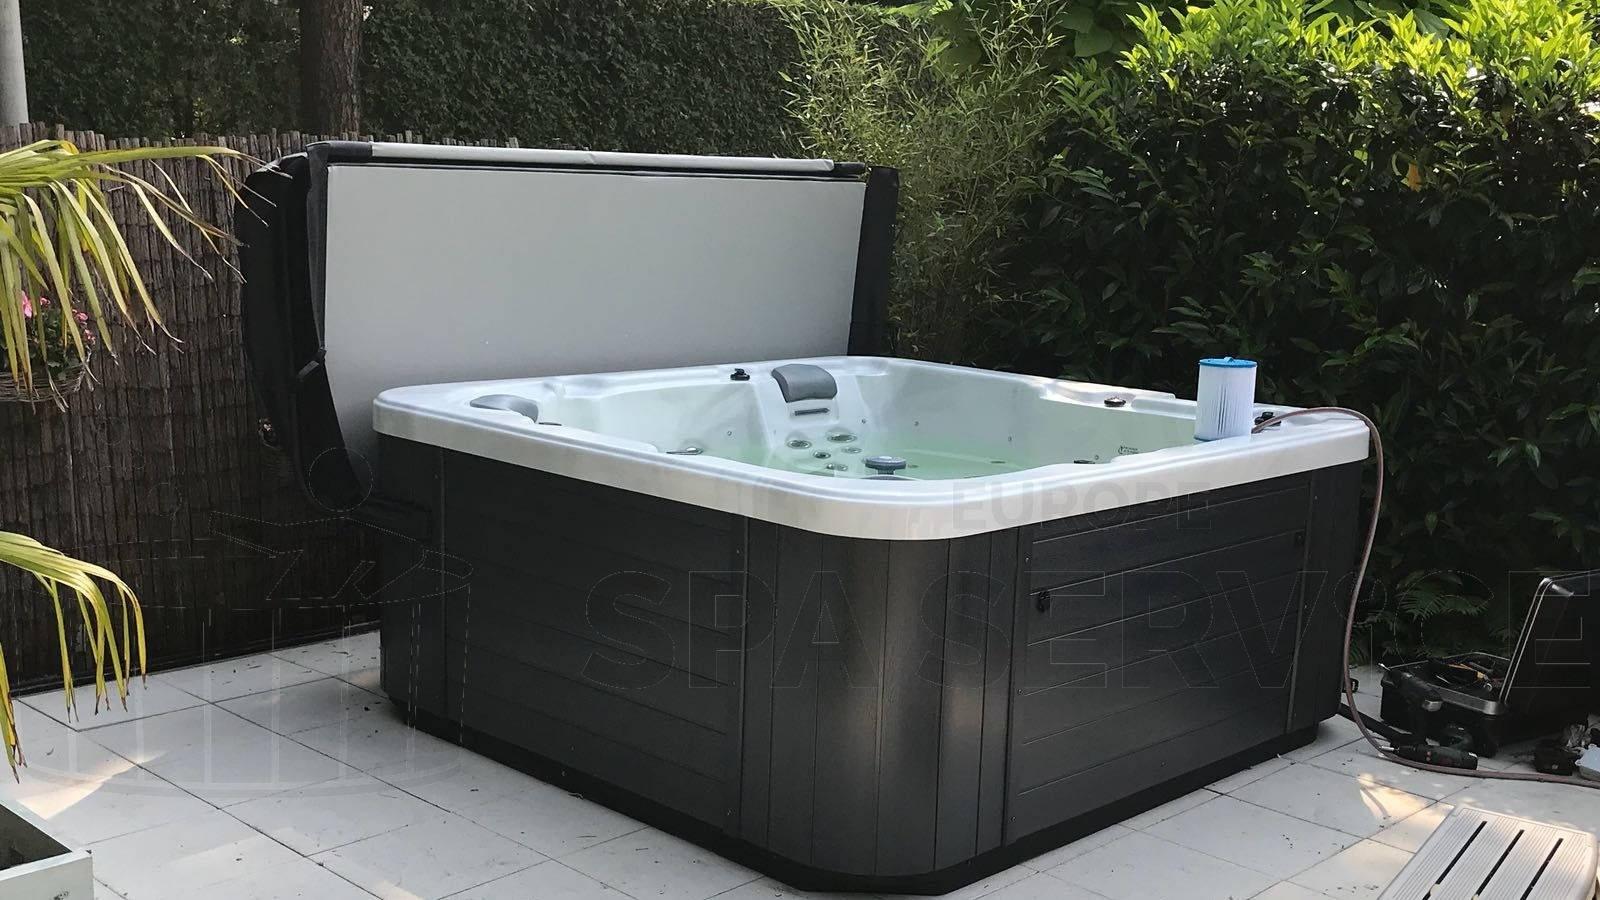 Plaatsing Allseas OS 402 spa in Putte